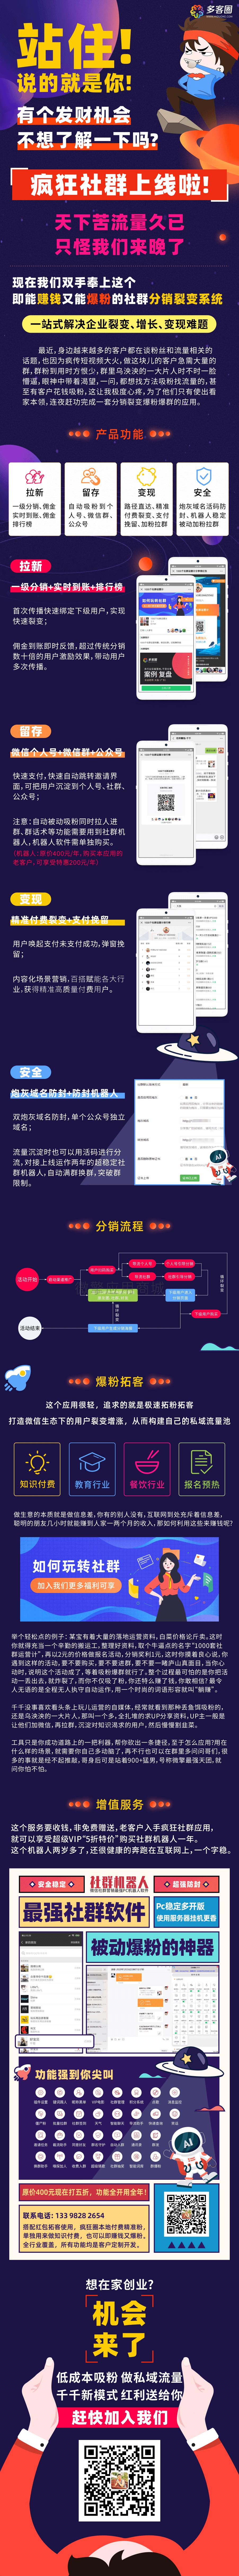 疯狂社群6.2.0, dk_wxrq 新增社群回收站【功能模块】